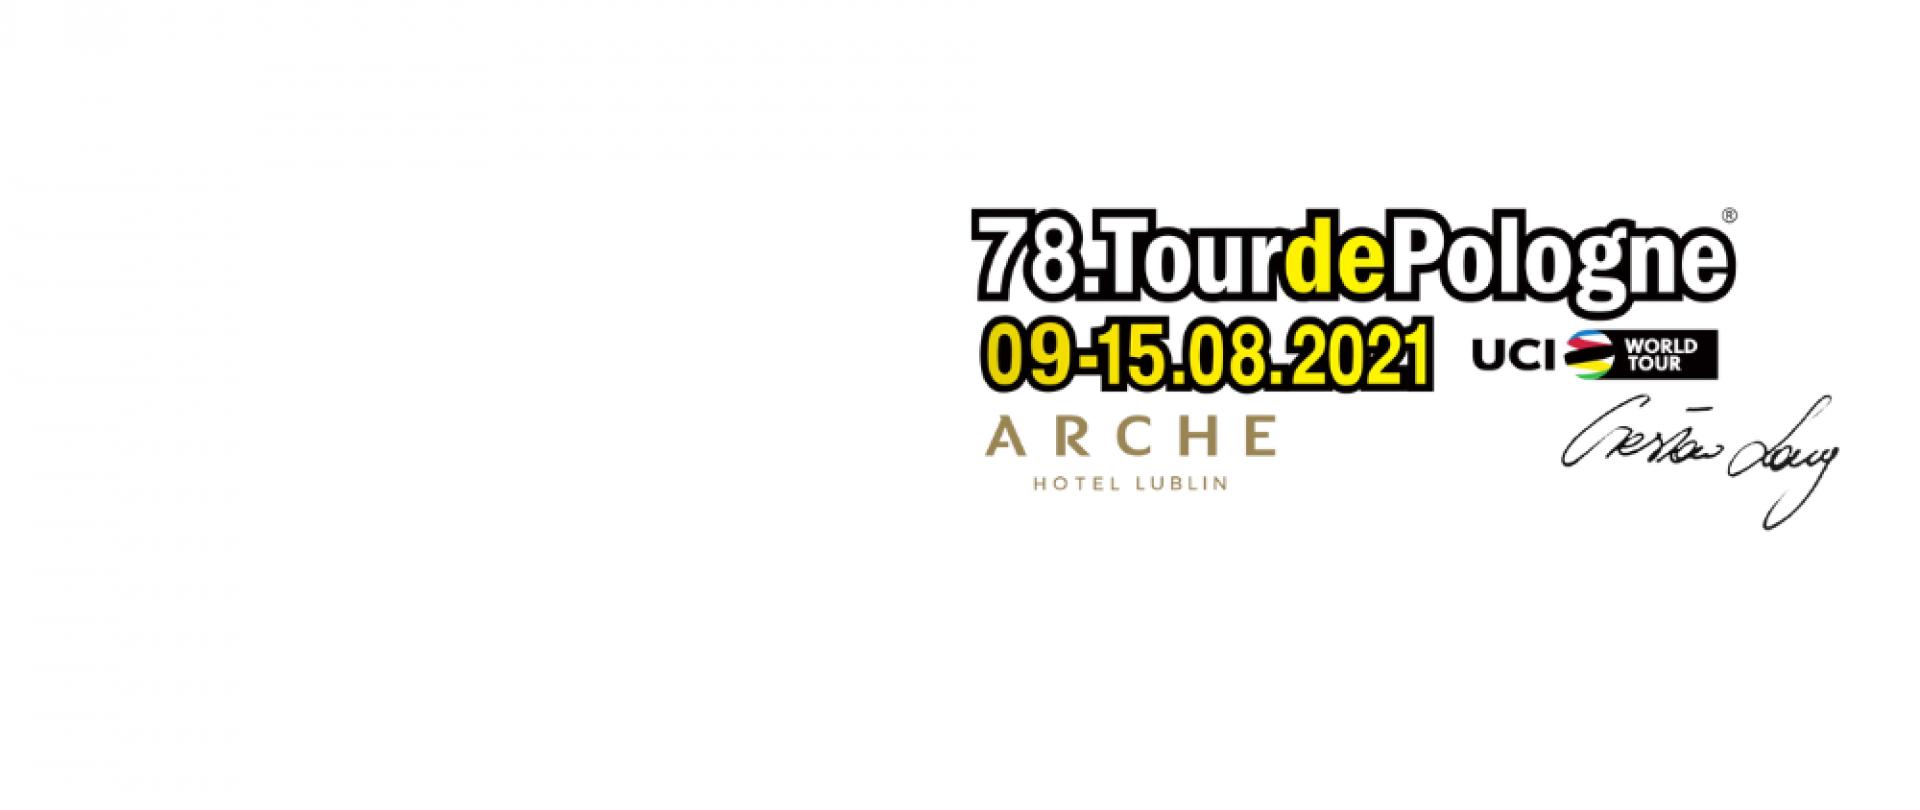 Arche Hotel Lublin Partnerem I etapu 78. Tour de Pologne